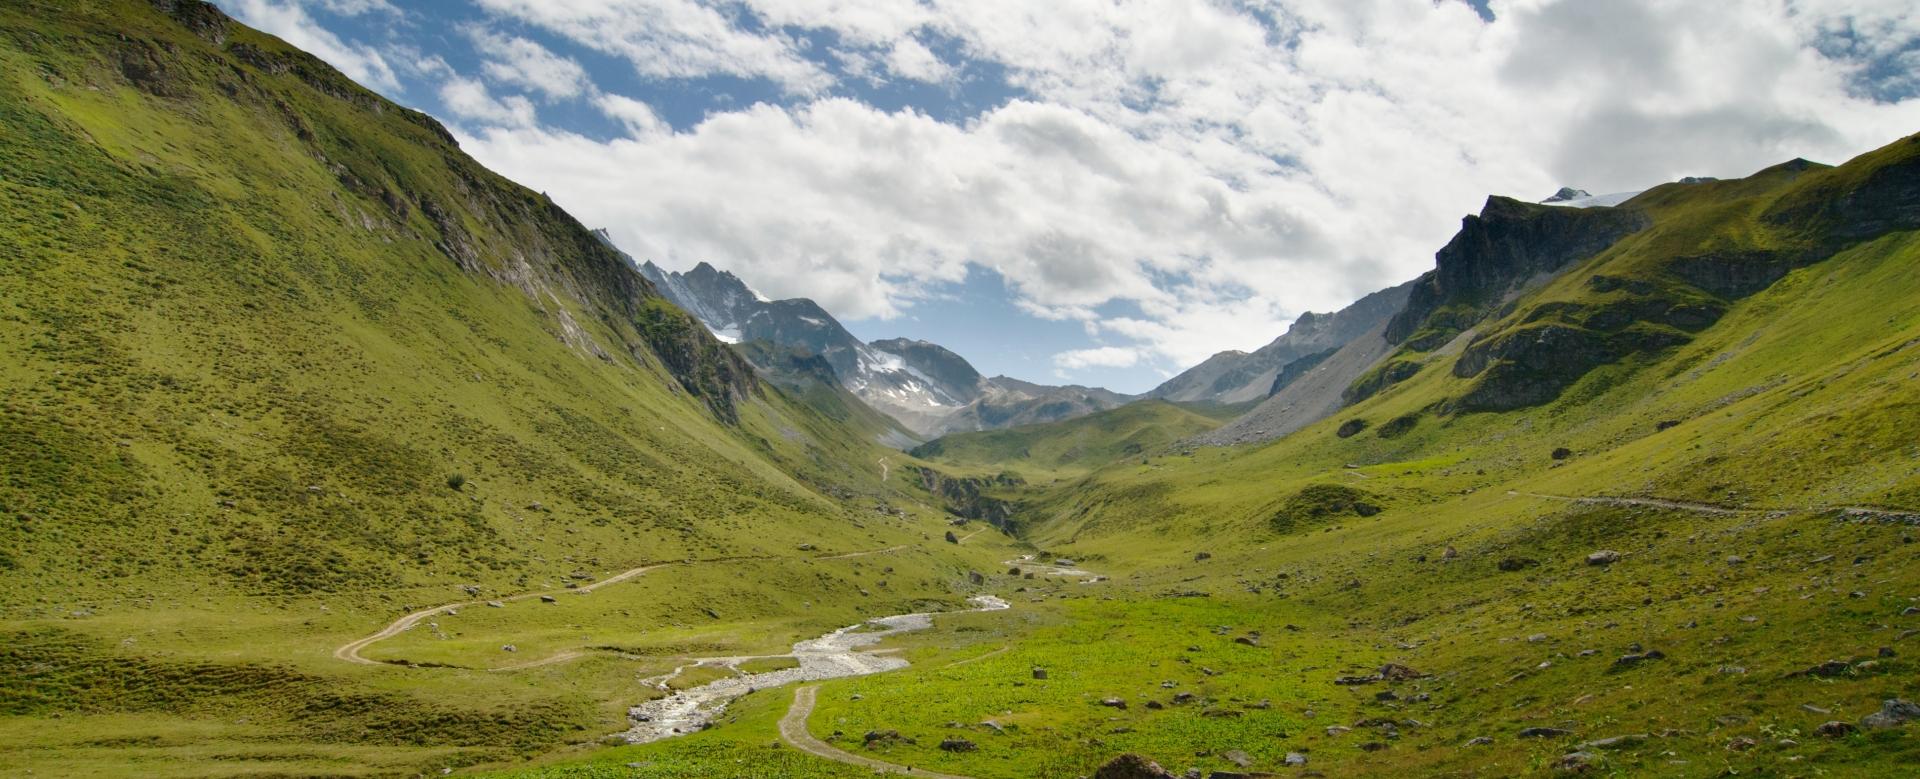 Voyage à pied : Le tour des glaciers de la vanoise